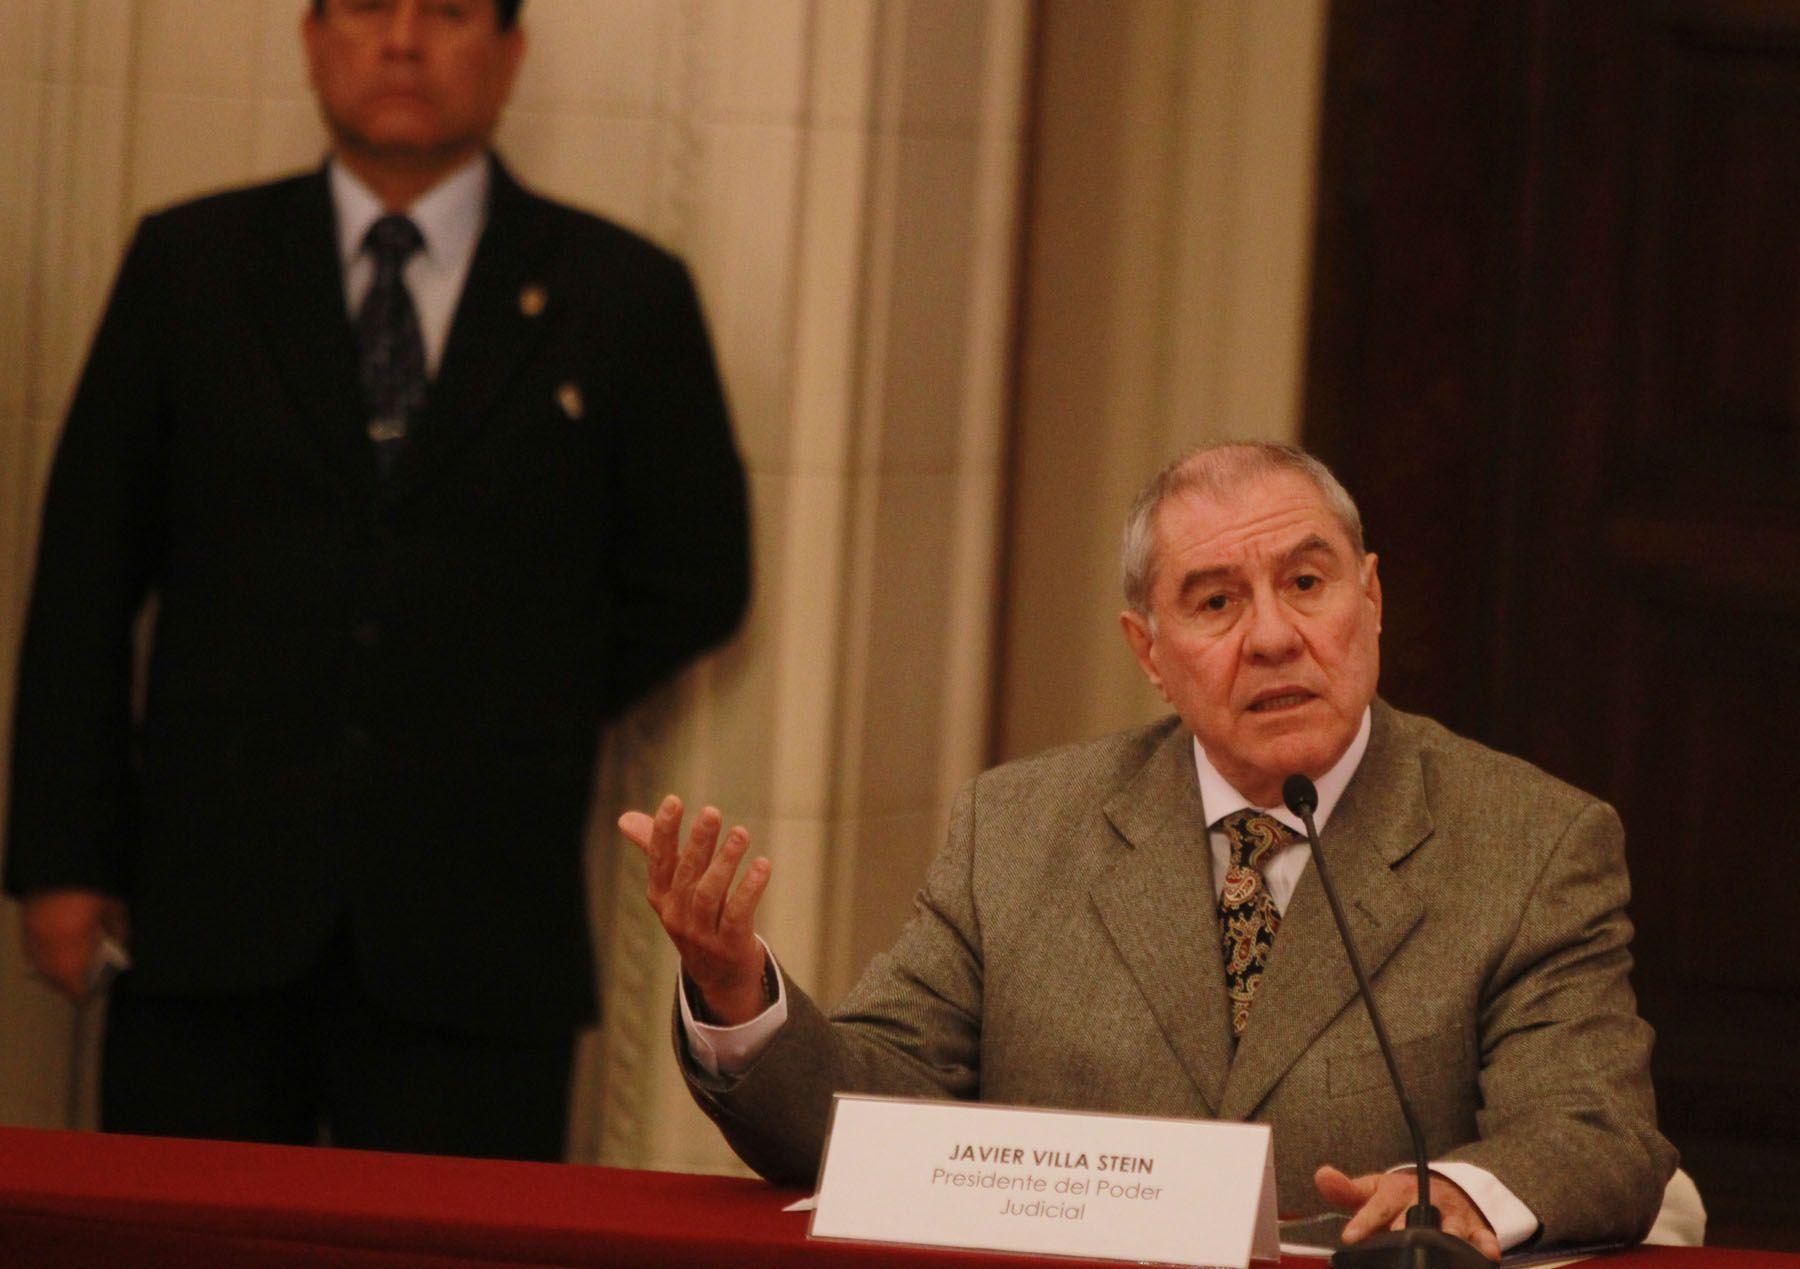 El presidente del Poder Judicial, Javier Villa Stein. Foto: ANDINA / Archivo / Carlos Lezama.